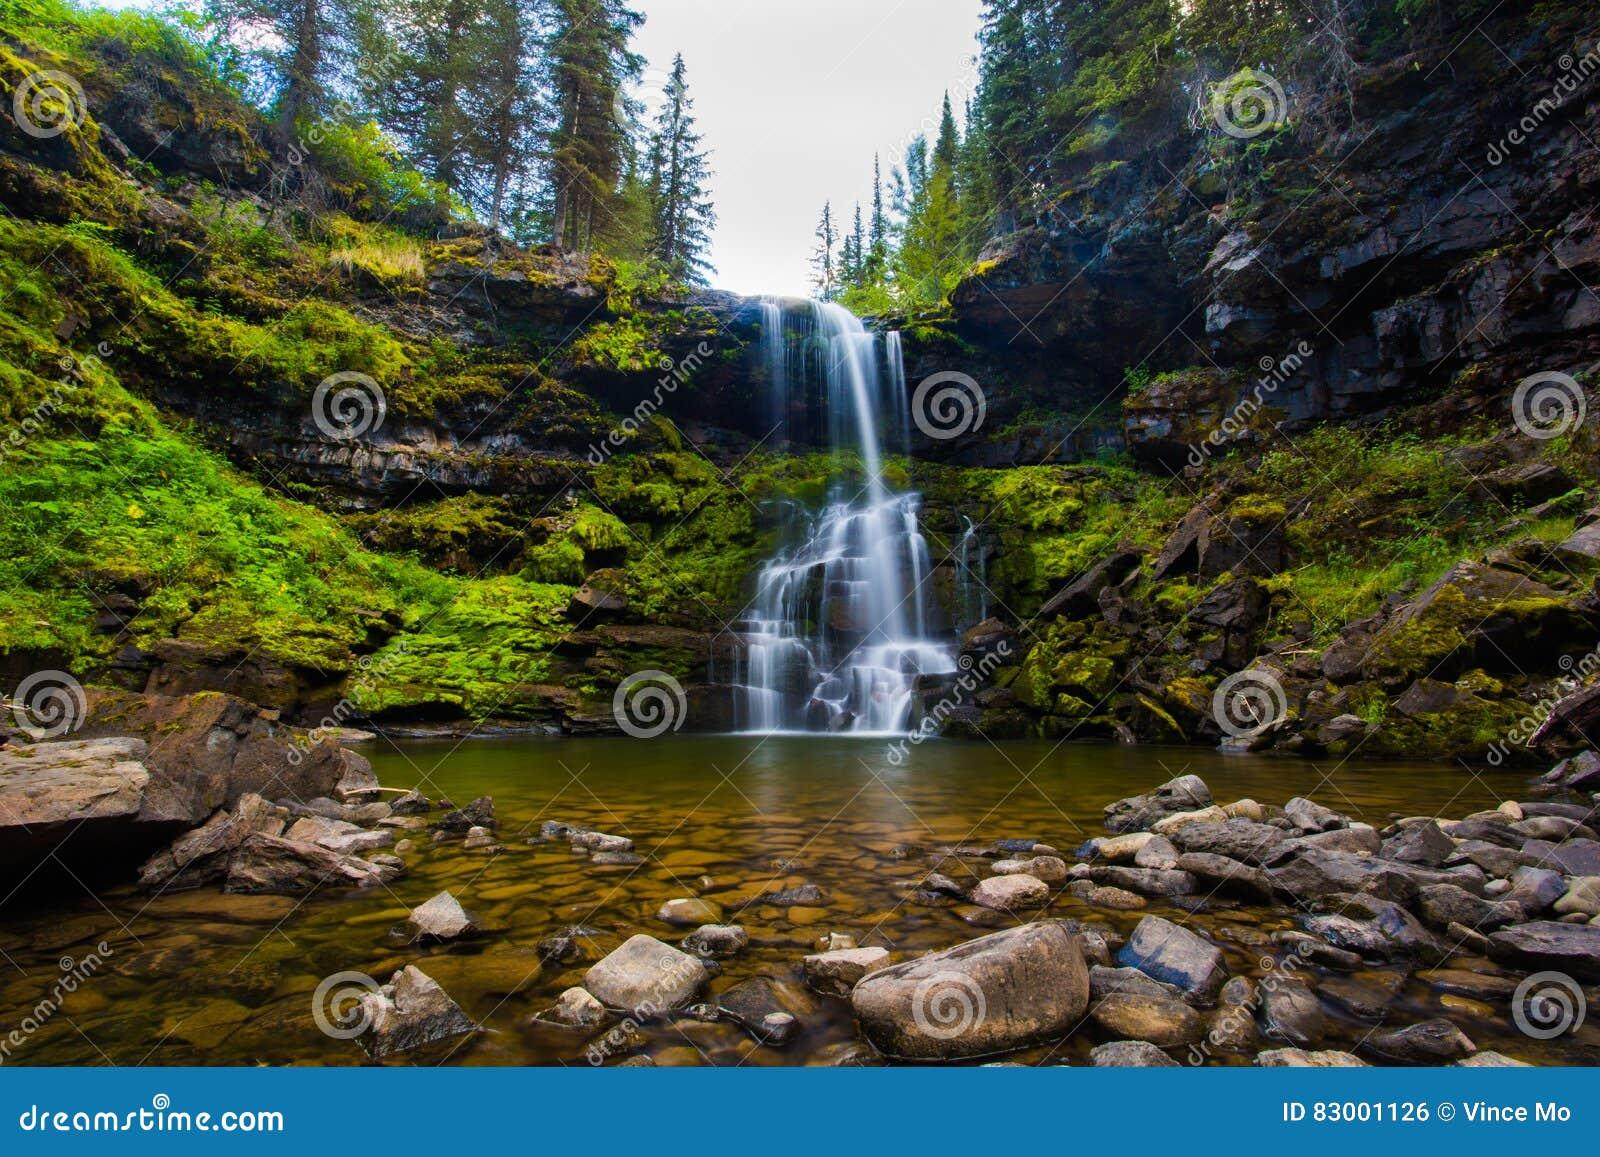 Matherson faller vattenfallet i den underalpina skogen i Fernie British Columbia